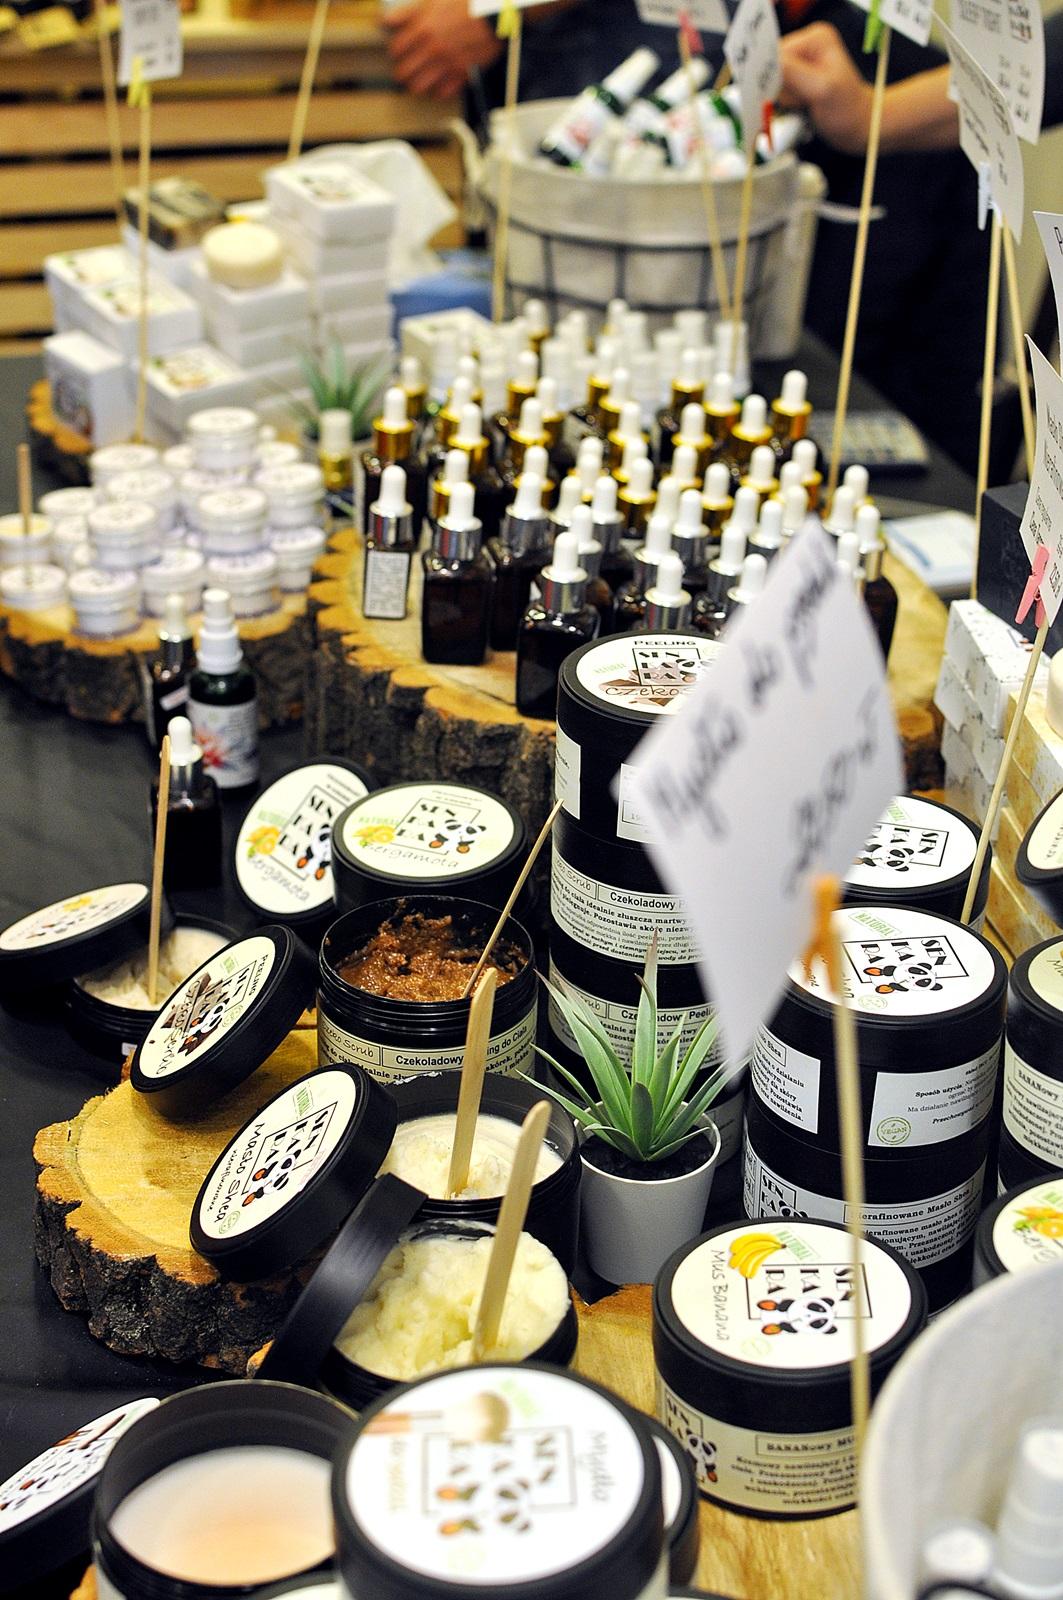 kosmetyki naturalne senkara na targach kosmetykow ekotyki w krakowie